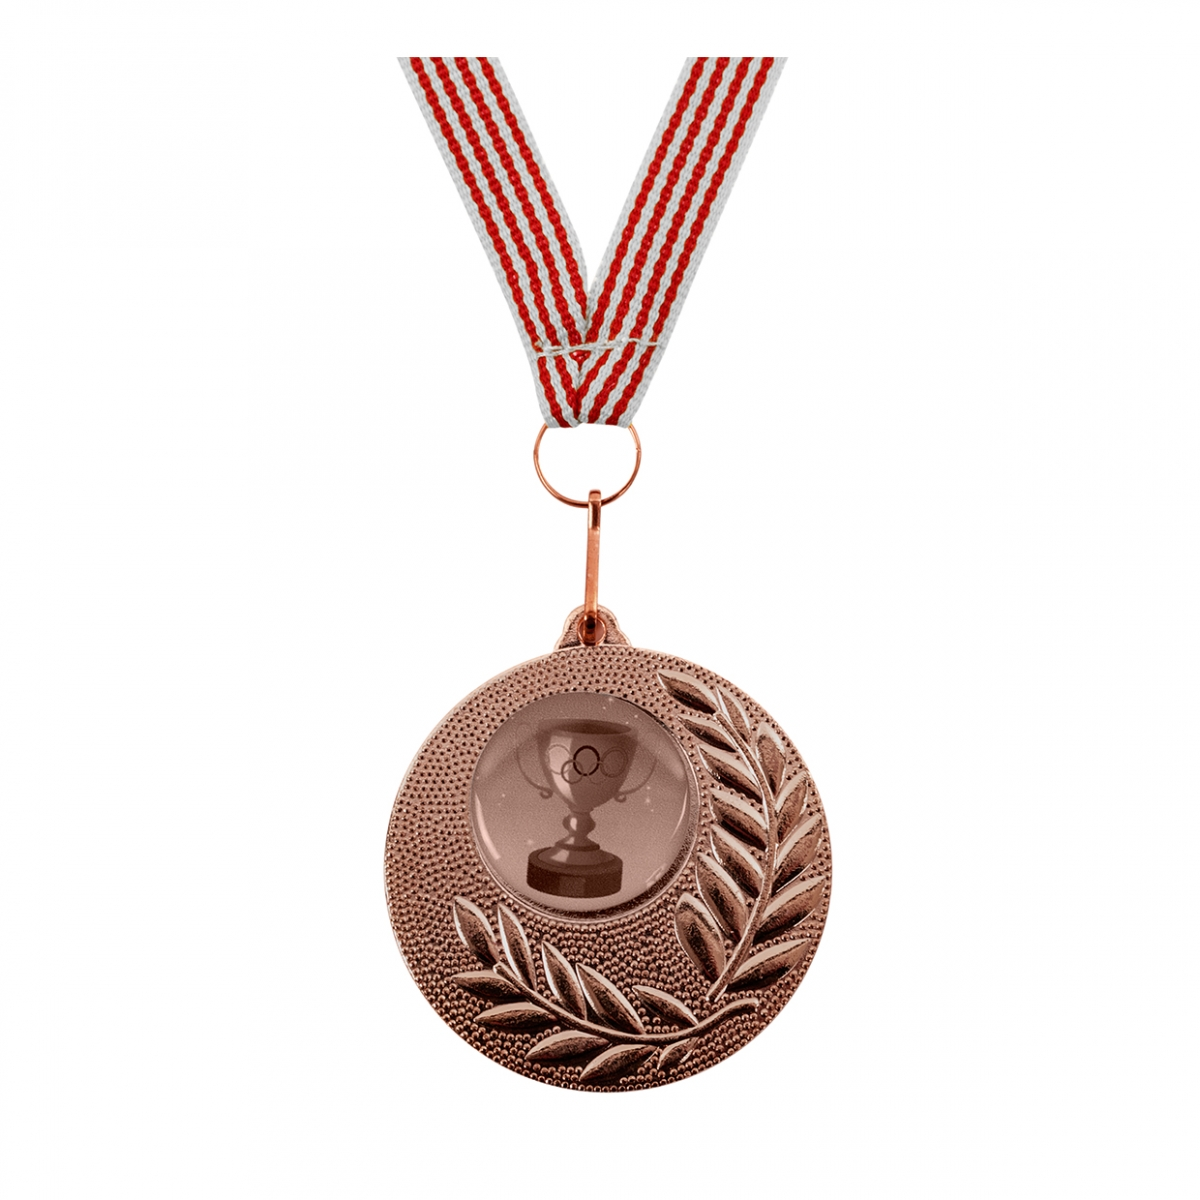 Imagen en la que se ve una medalla de bronce